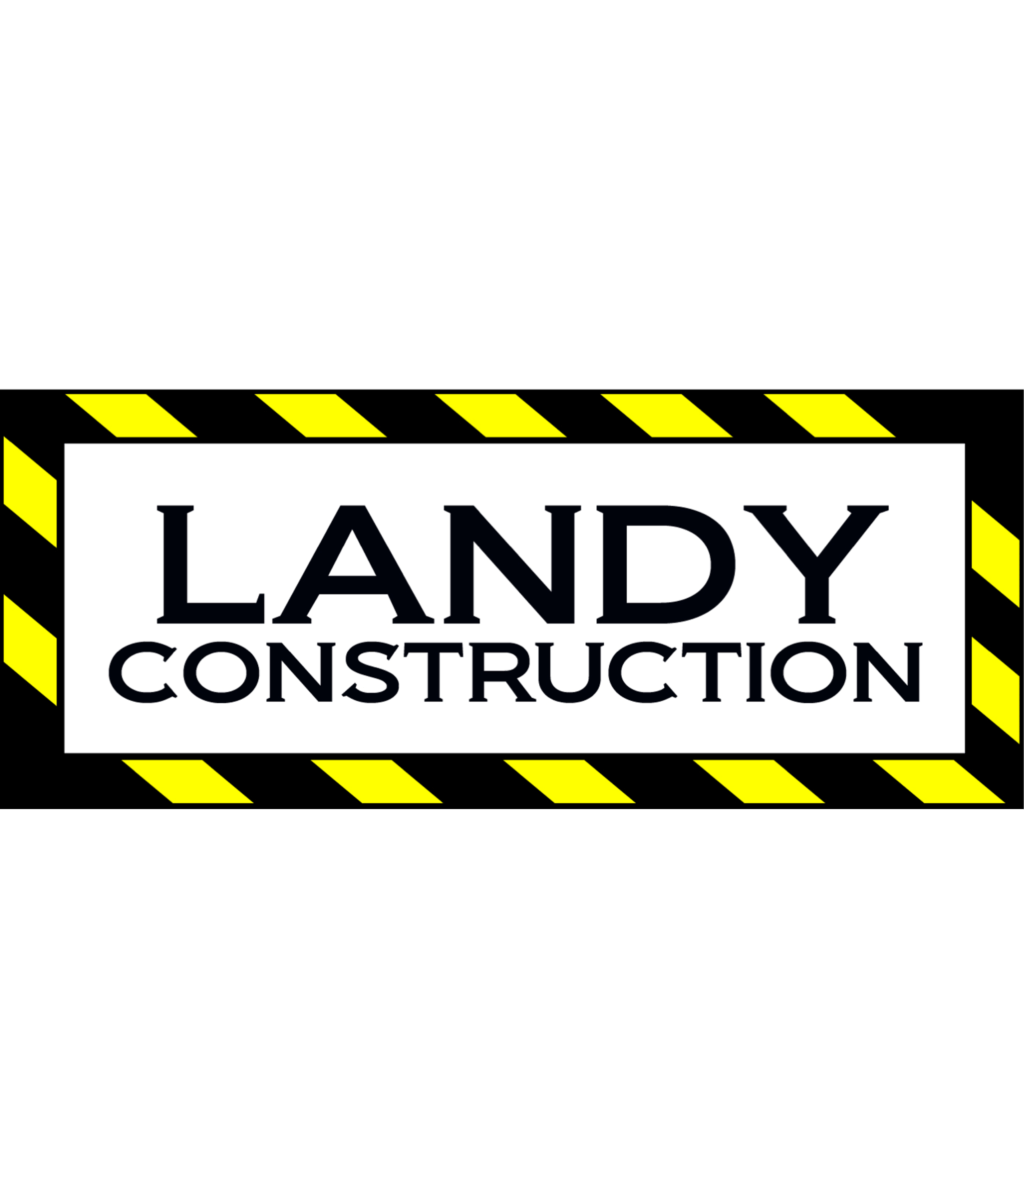 landy.png